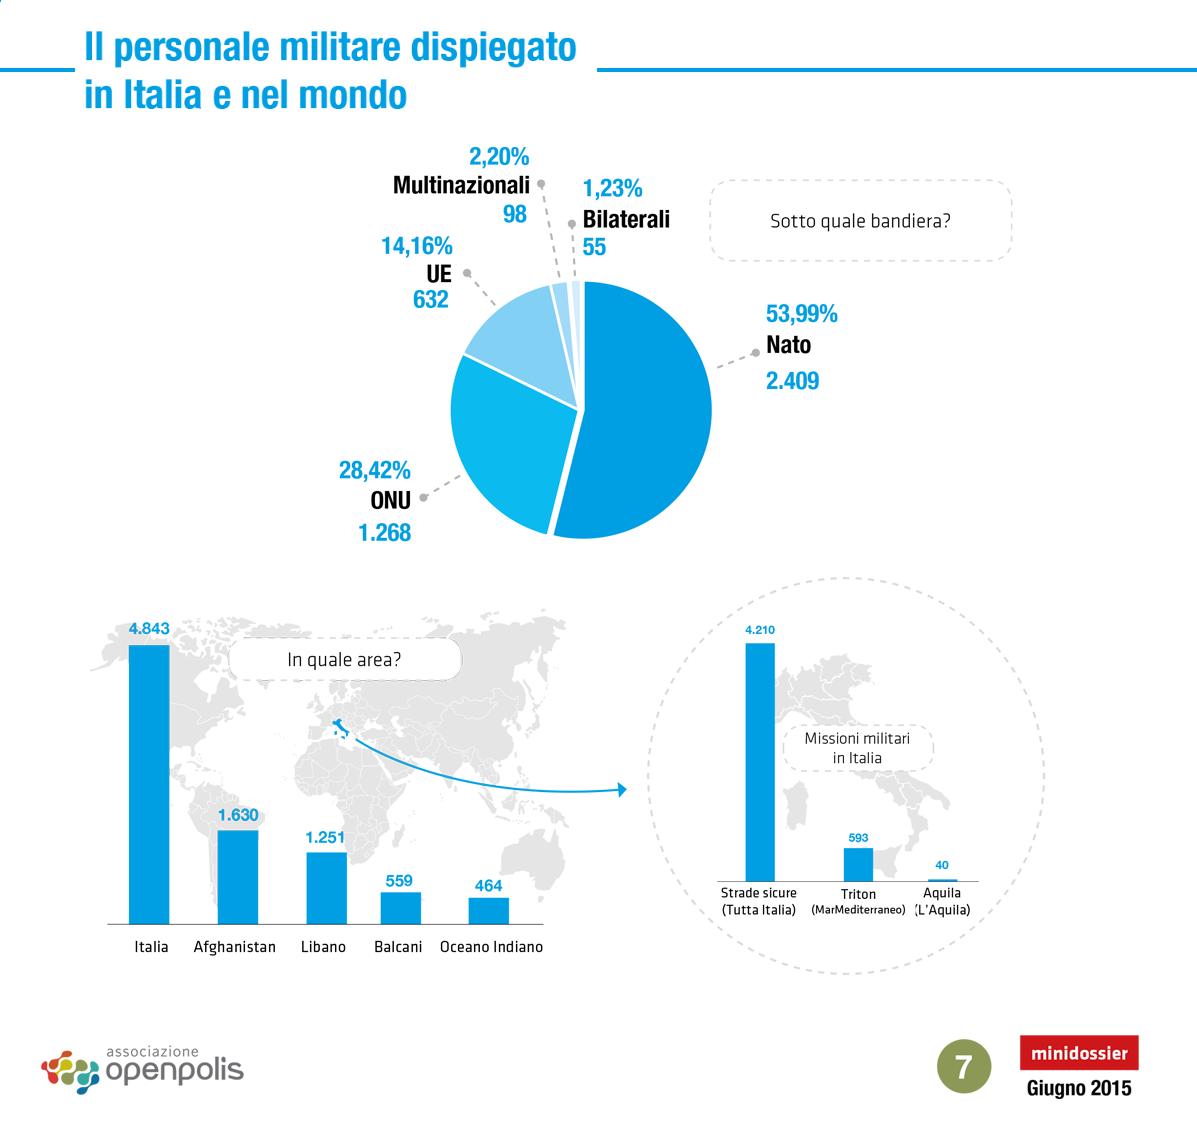 Cartina Italia Javascript.Missioni Militari La Mappa Dell Italia Nel Mondo Openblog